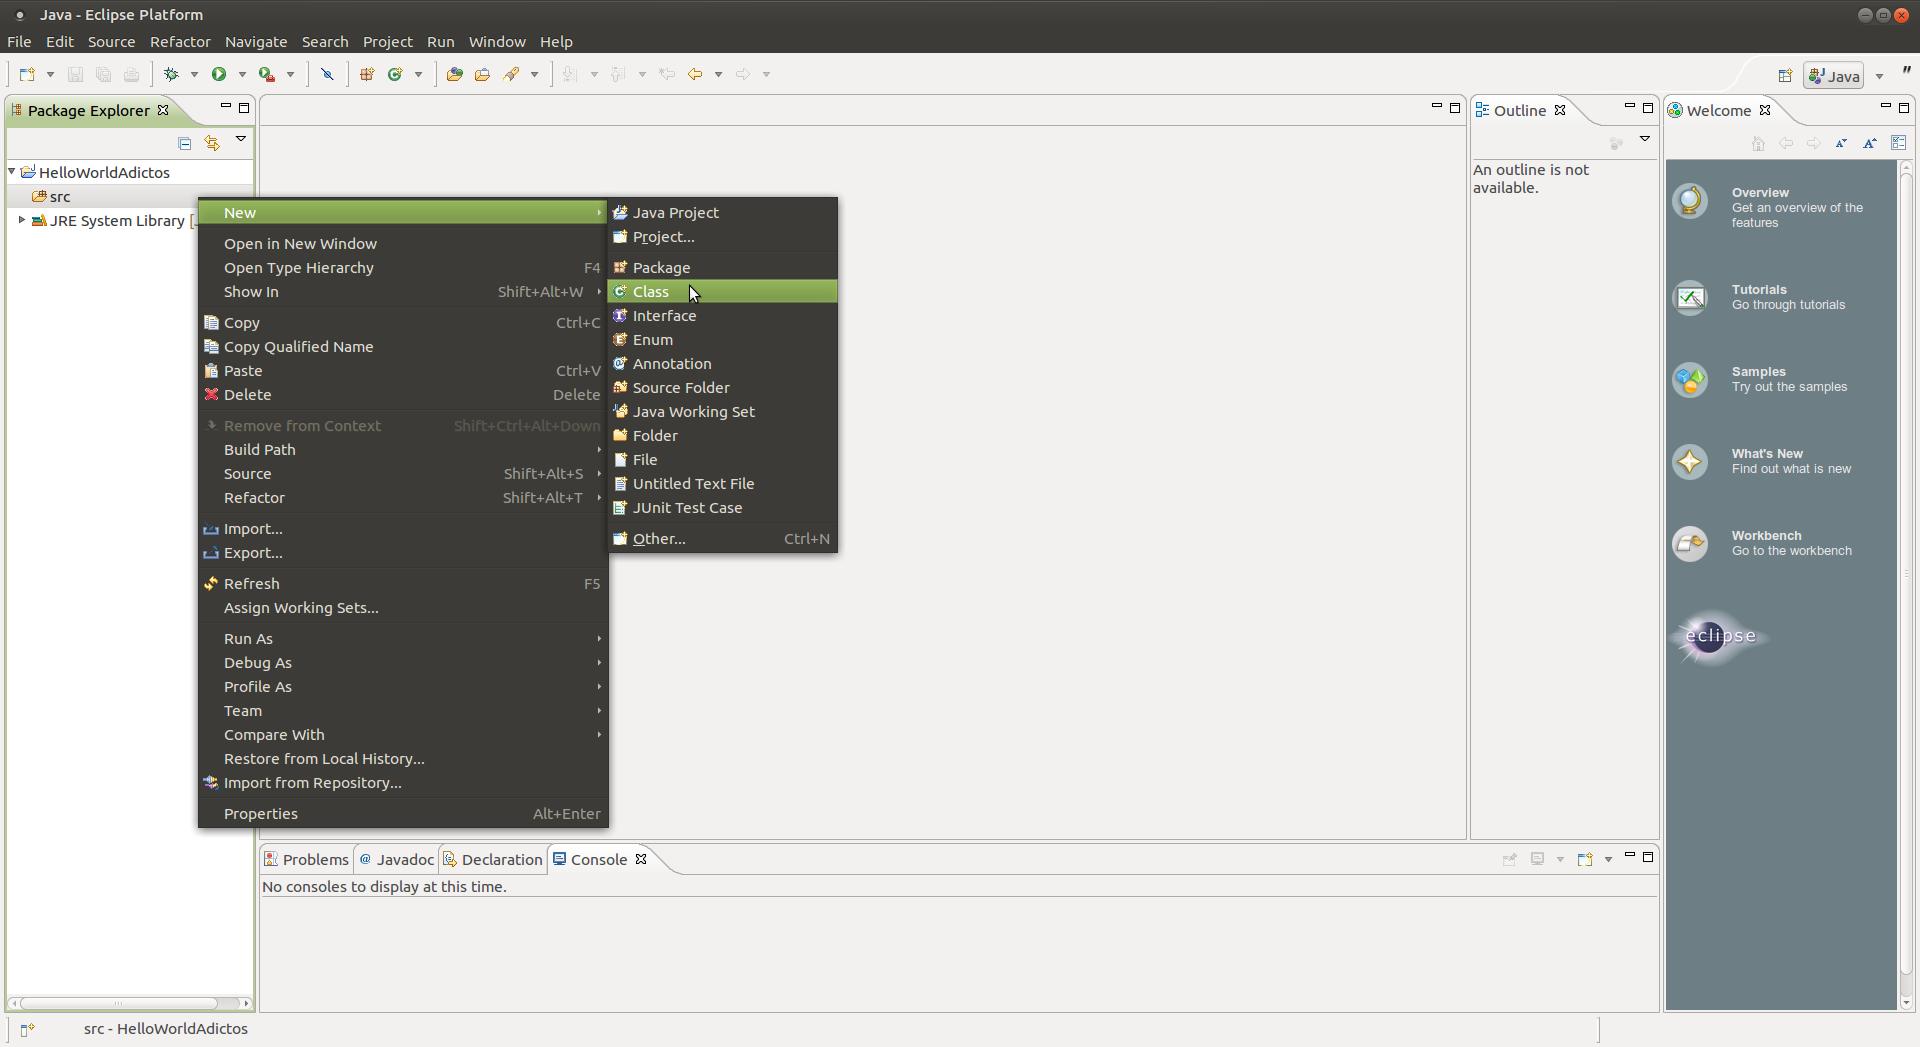 Captura-Java - Eclipse Platform -1